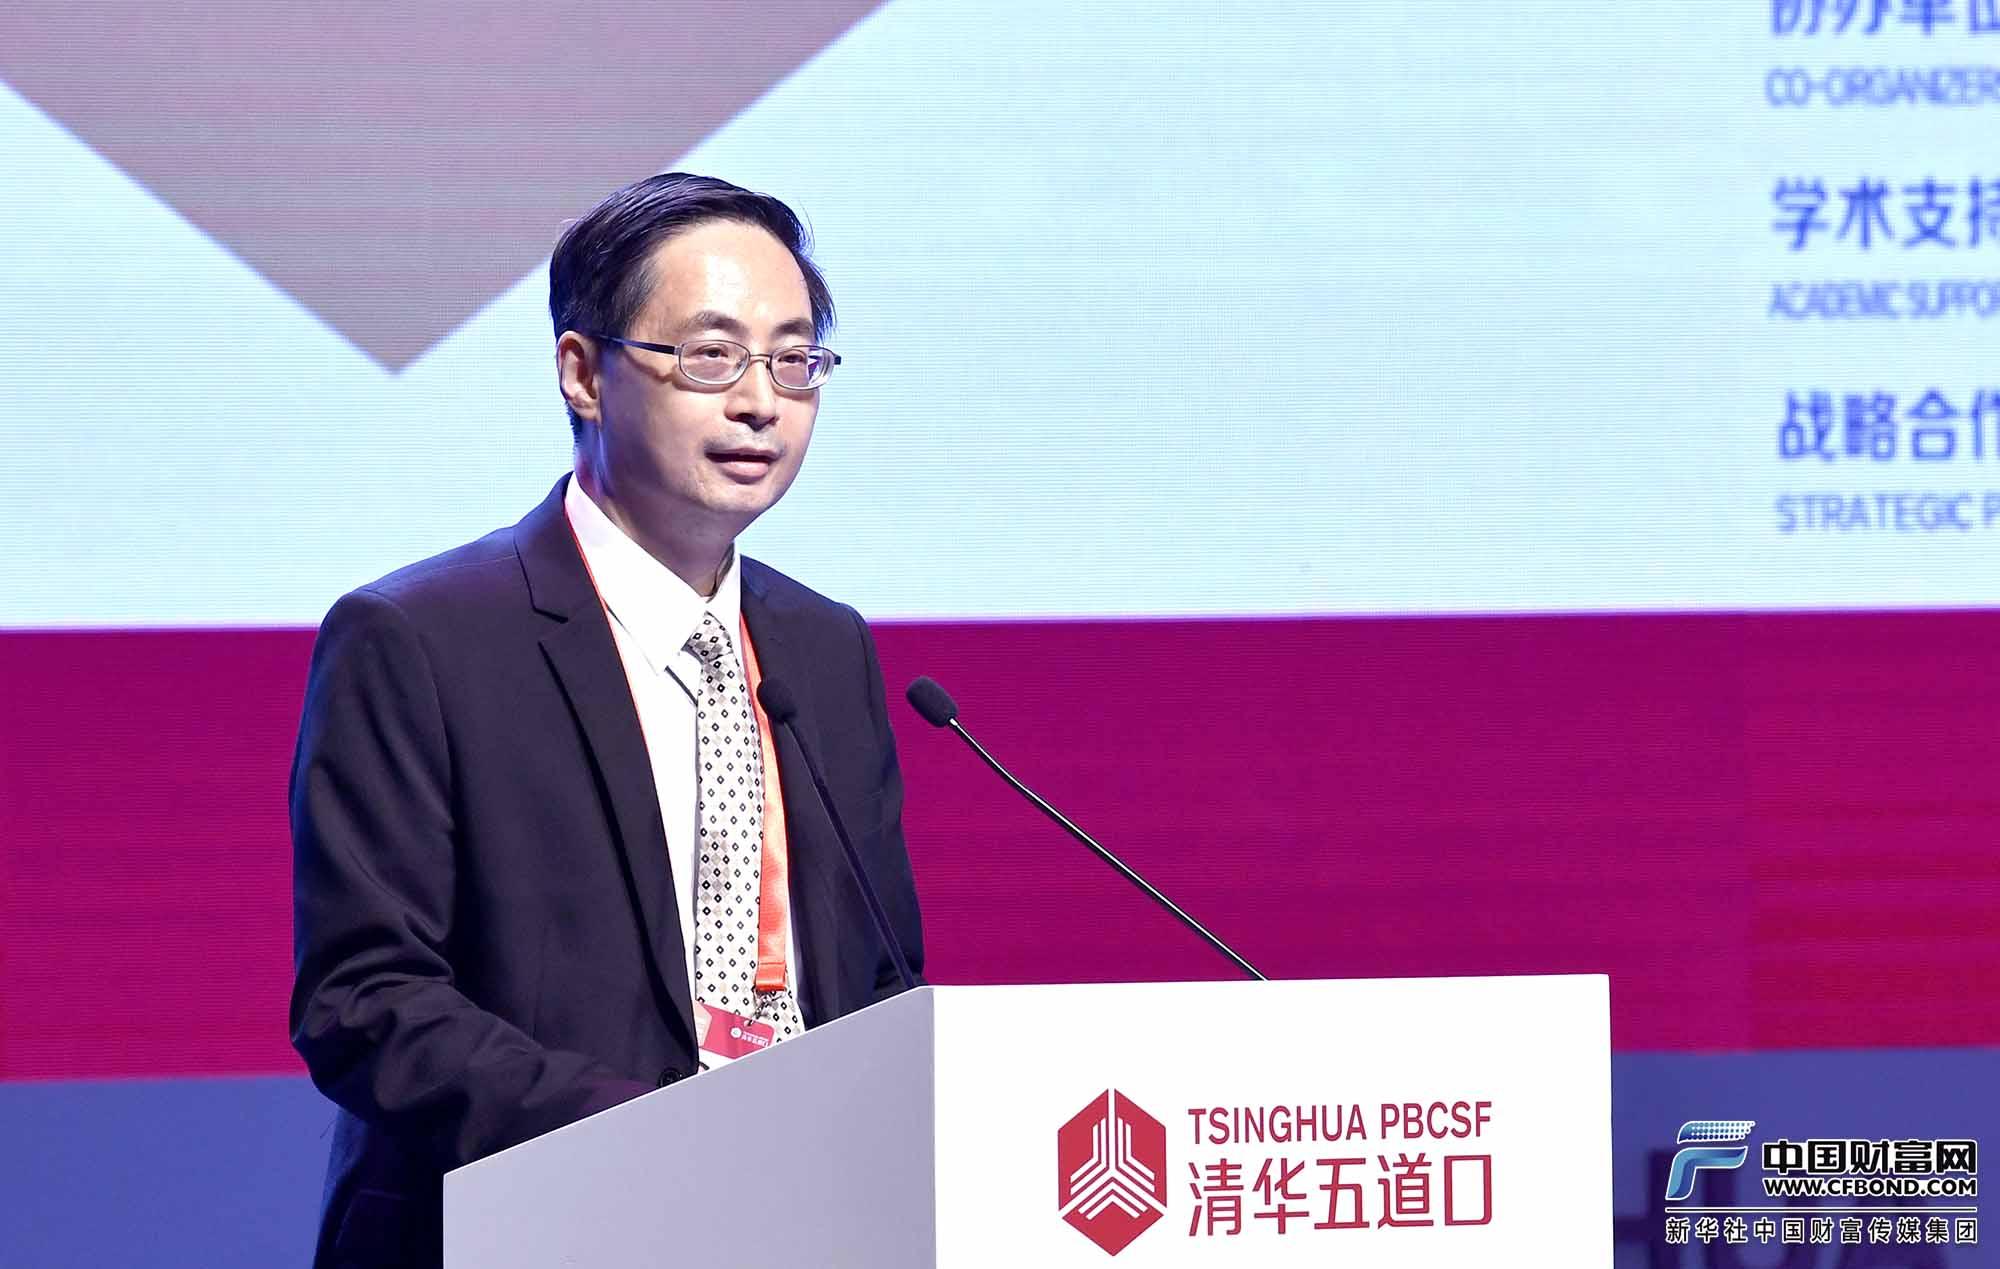 主持人:清华大学国家金融研究院金融与发展研究中心主任马骏